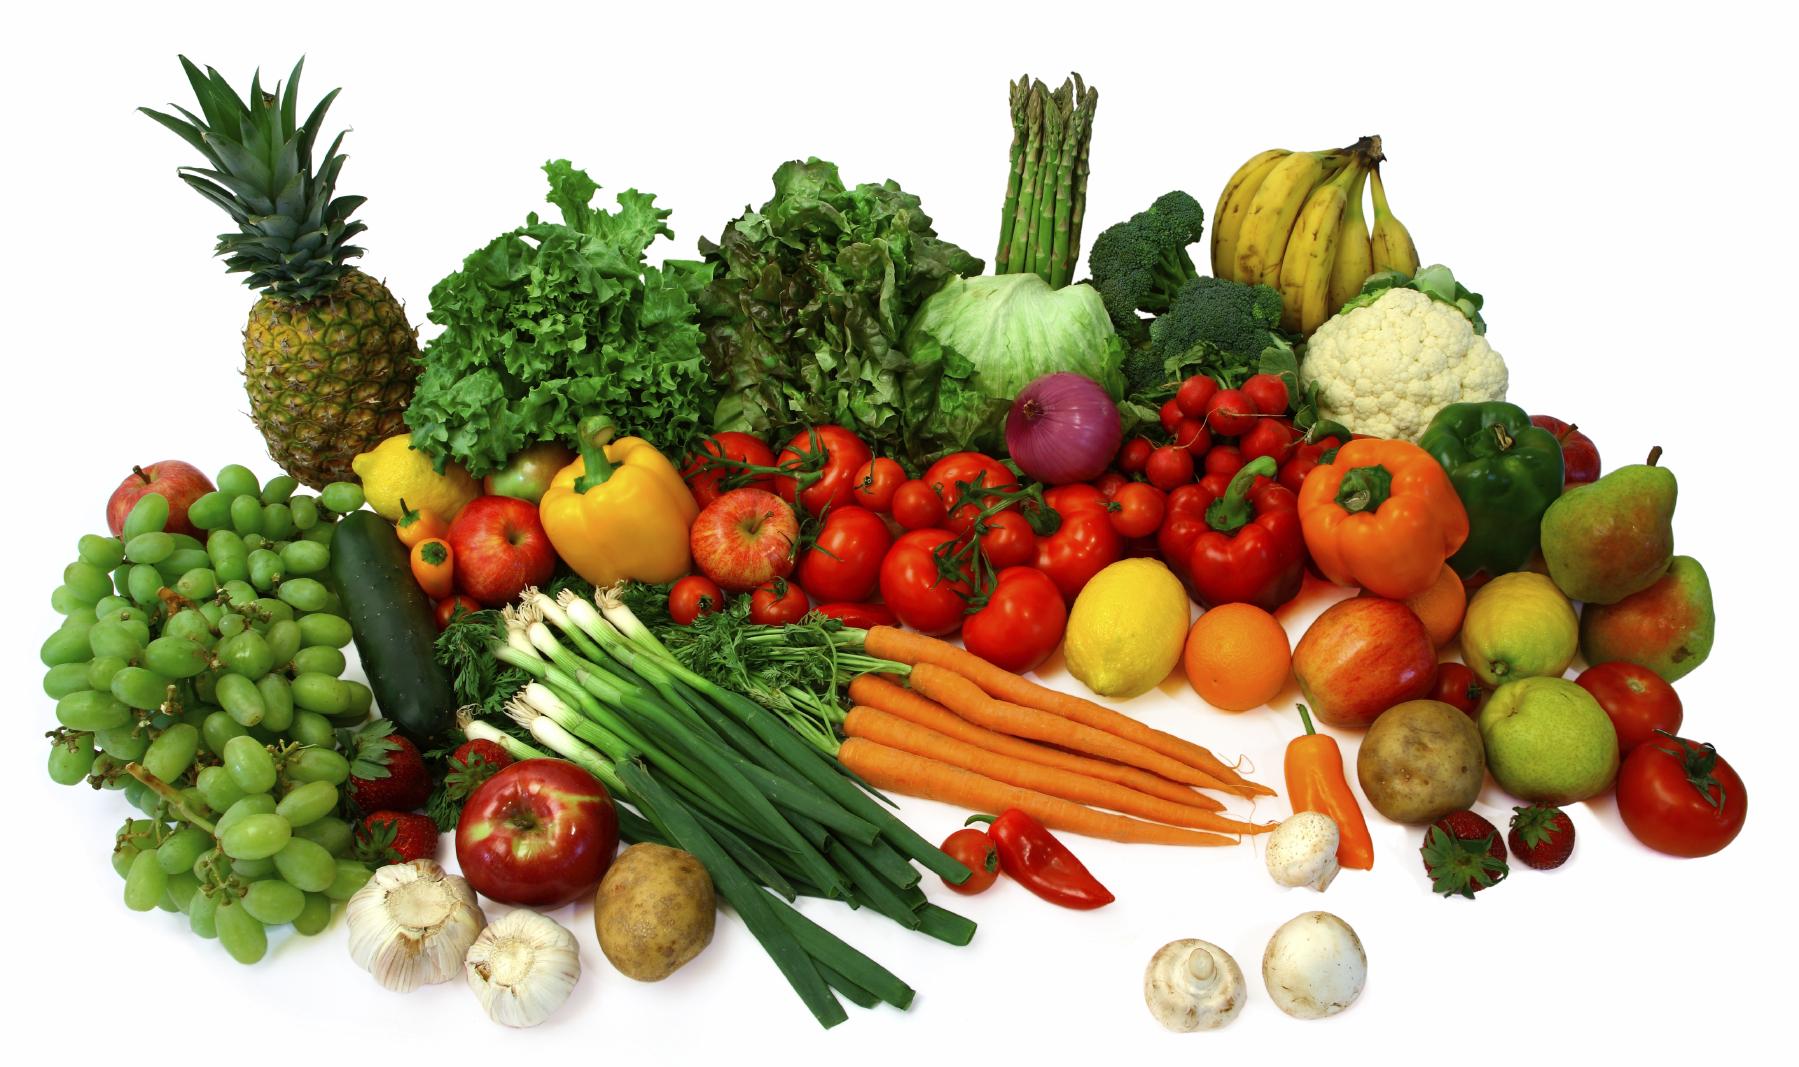 voordelen voedingsschema